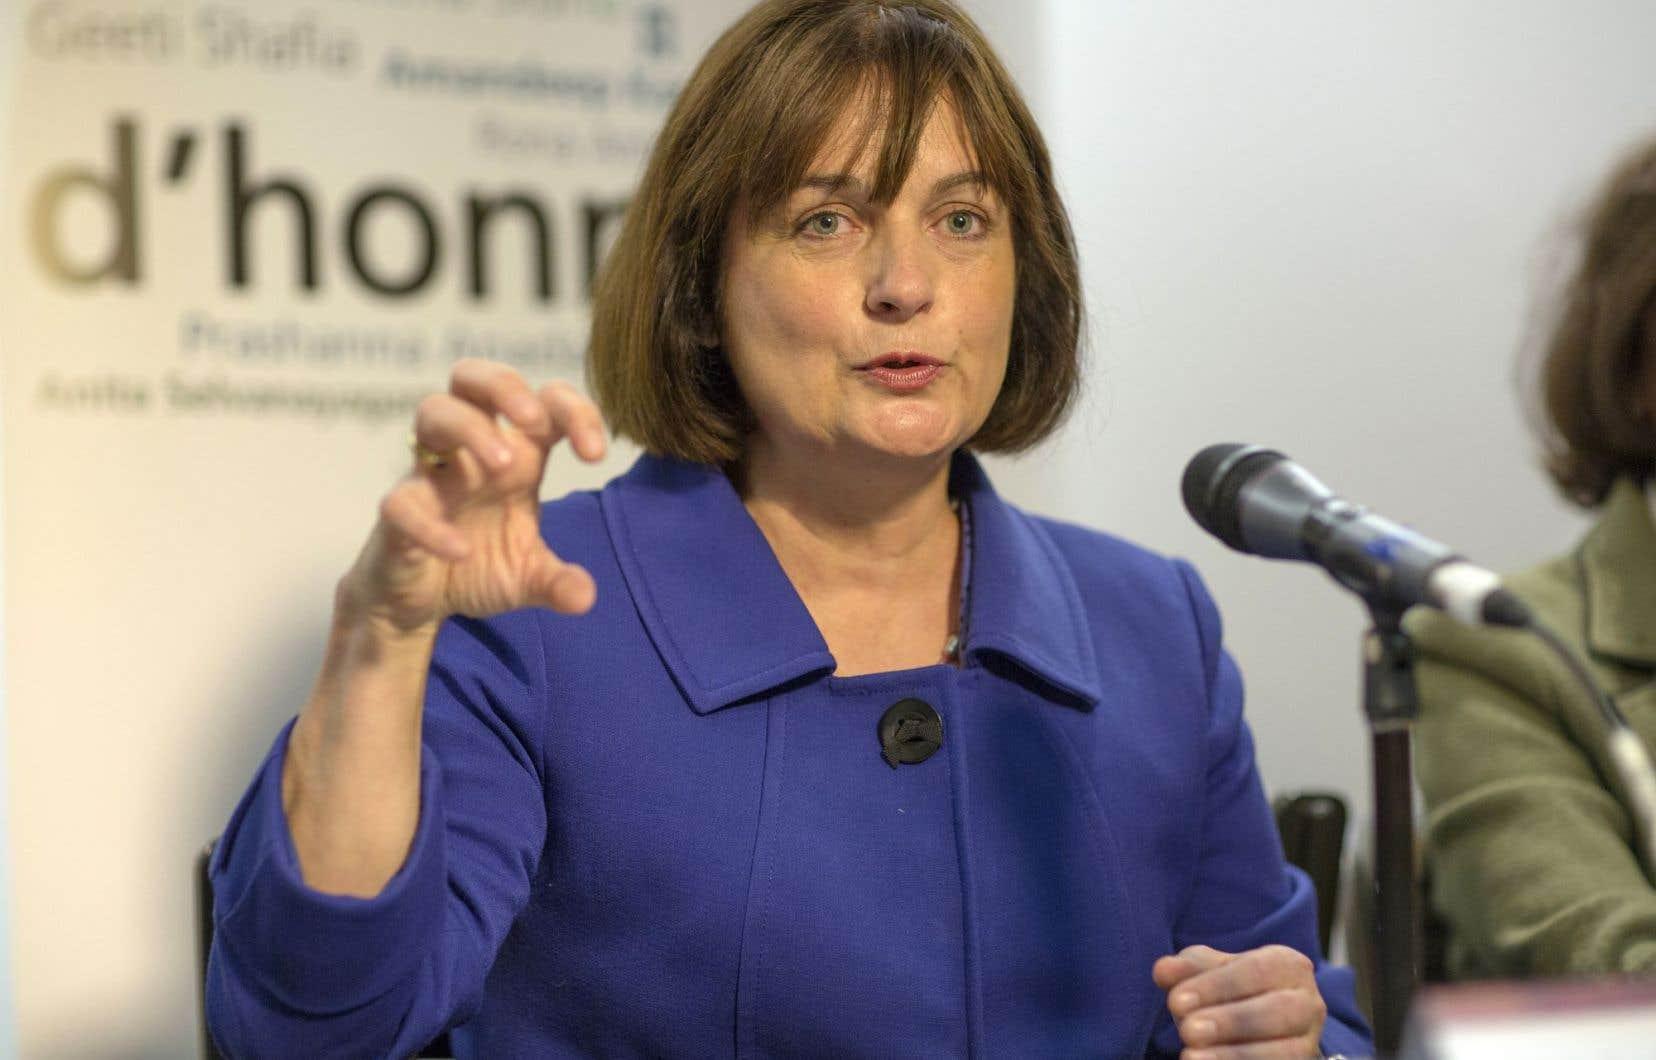 La présidente du Conseil, Julie Miville-Dechêne, affirme que la mise en place d'un service de garde à contribution réduite, en 1997, a soutenu la percée des femmes sur le marché du travail.